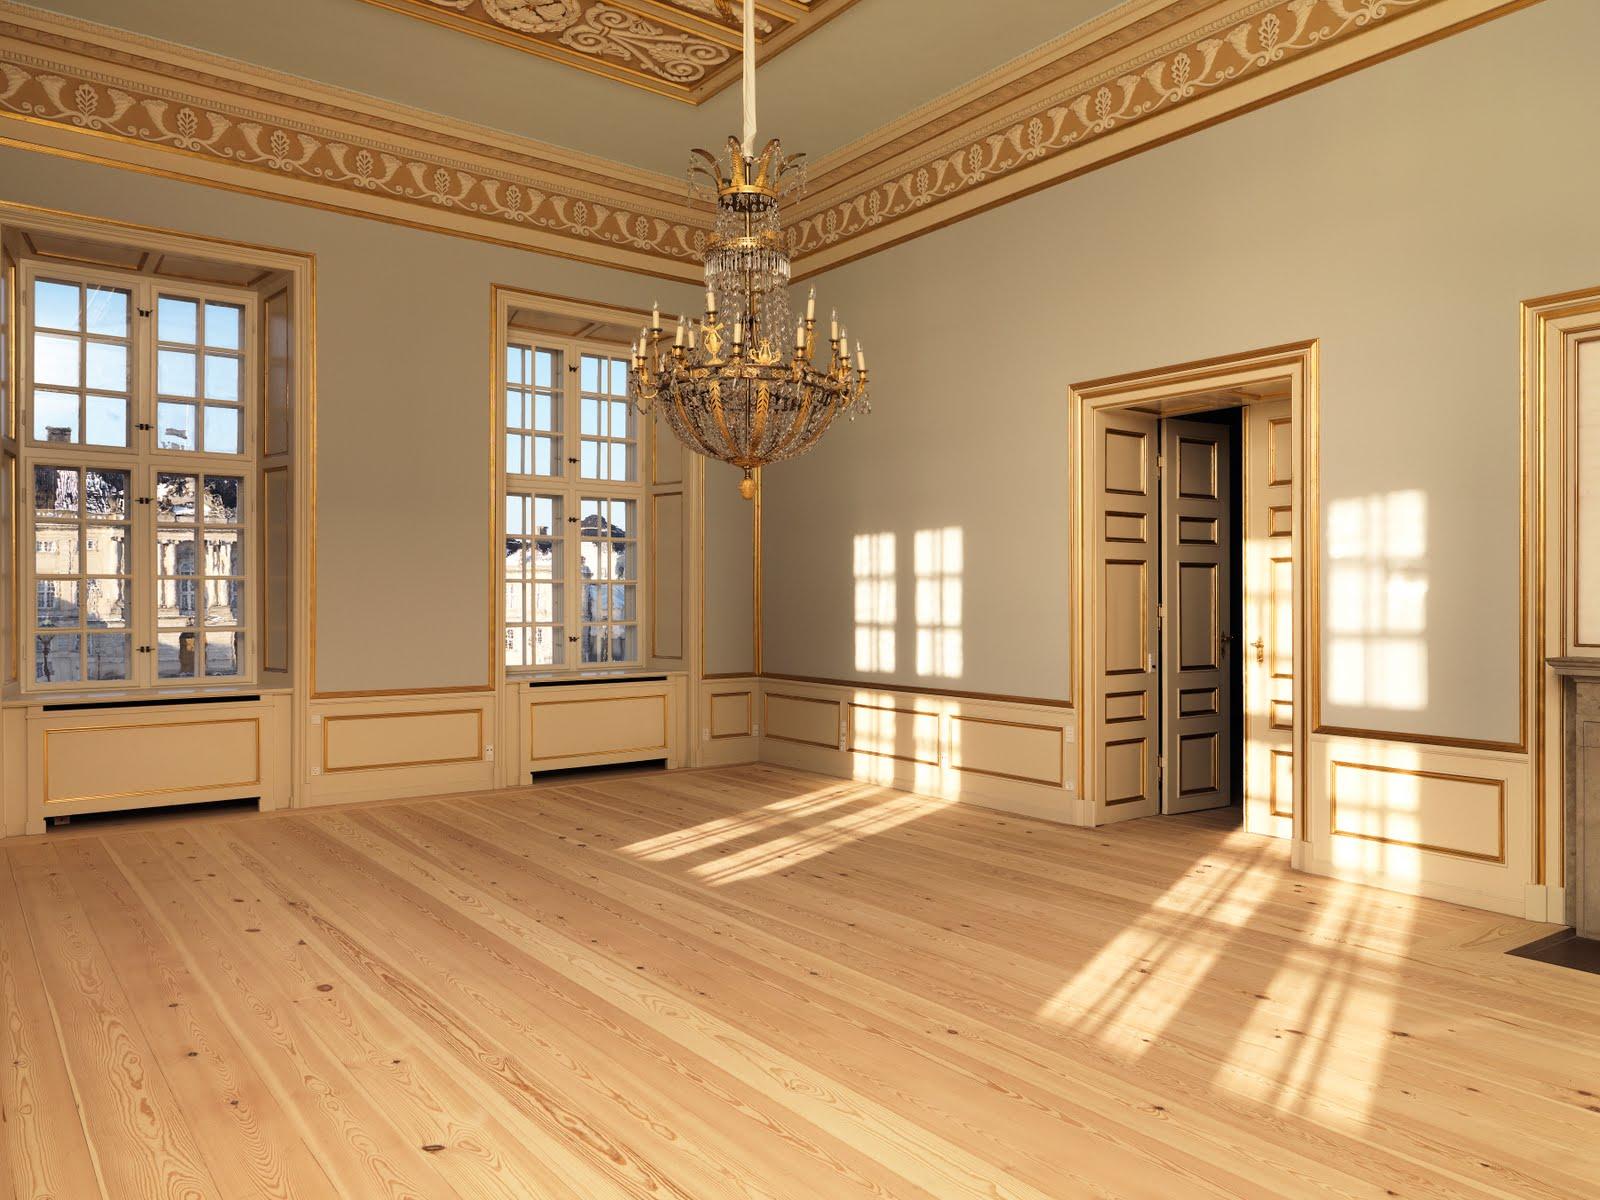 formschoen i wortgewandt zeitgem wohnen im k niglichen schloss. Black Bedroom Furniture Sets. Home Design Ideas